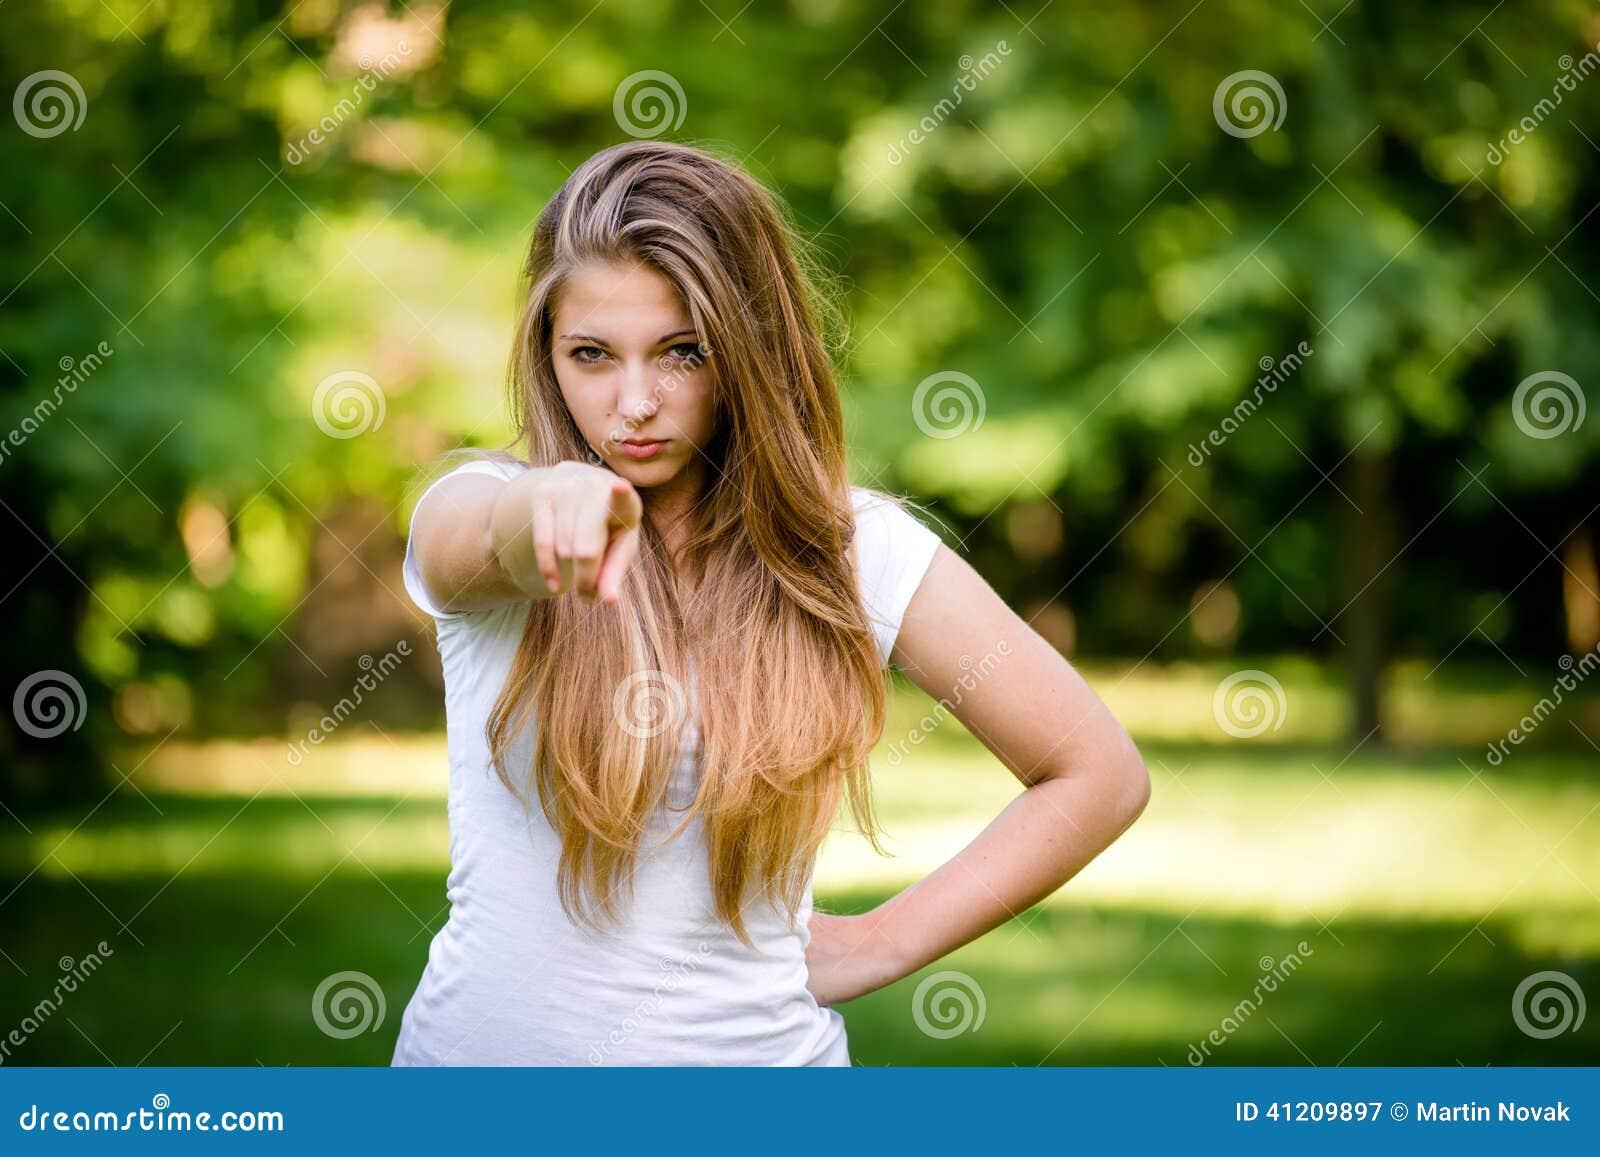 Teen Girl Fingering